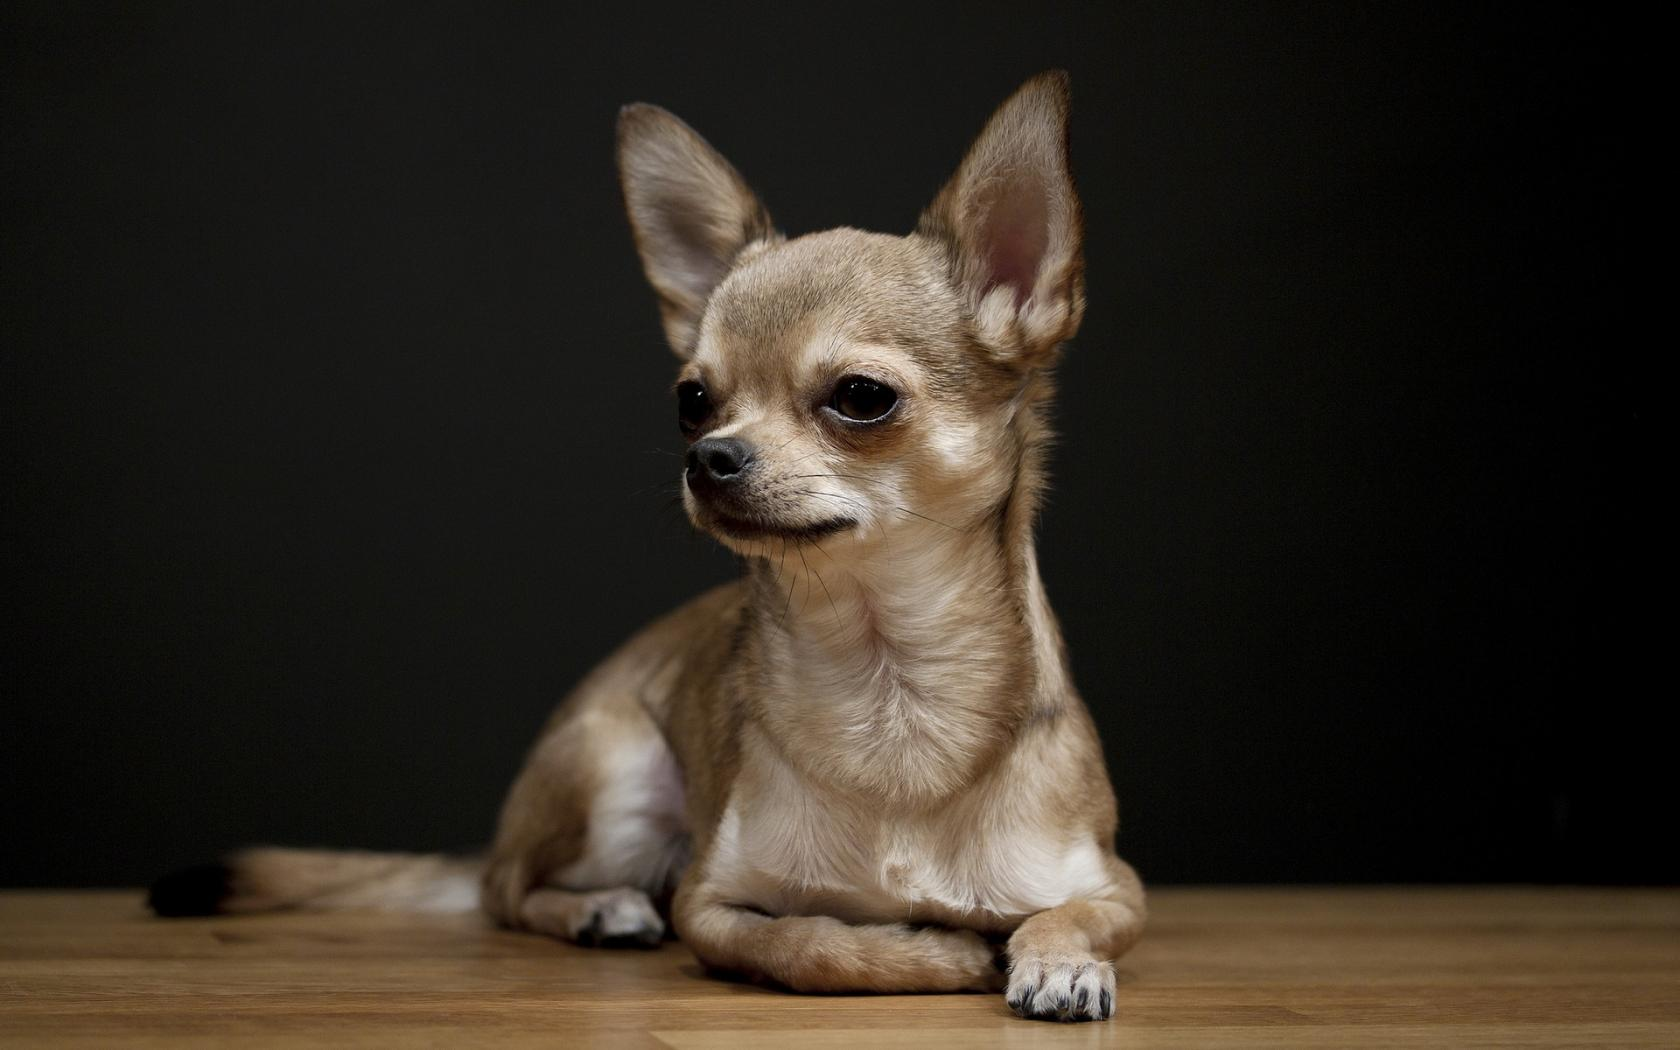 razze di cani cane Chihuahua